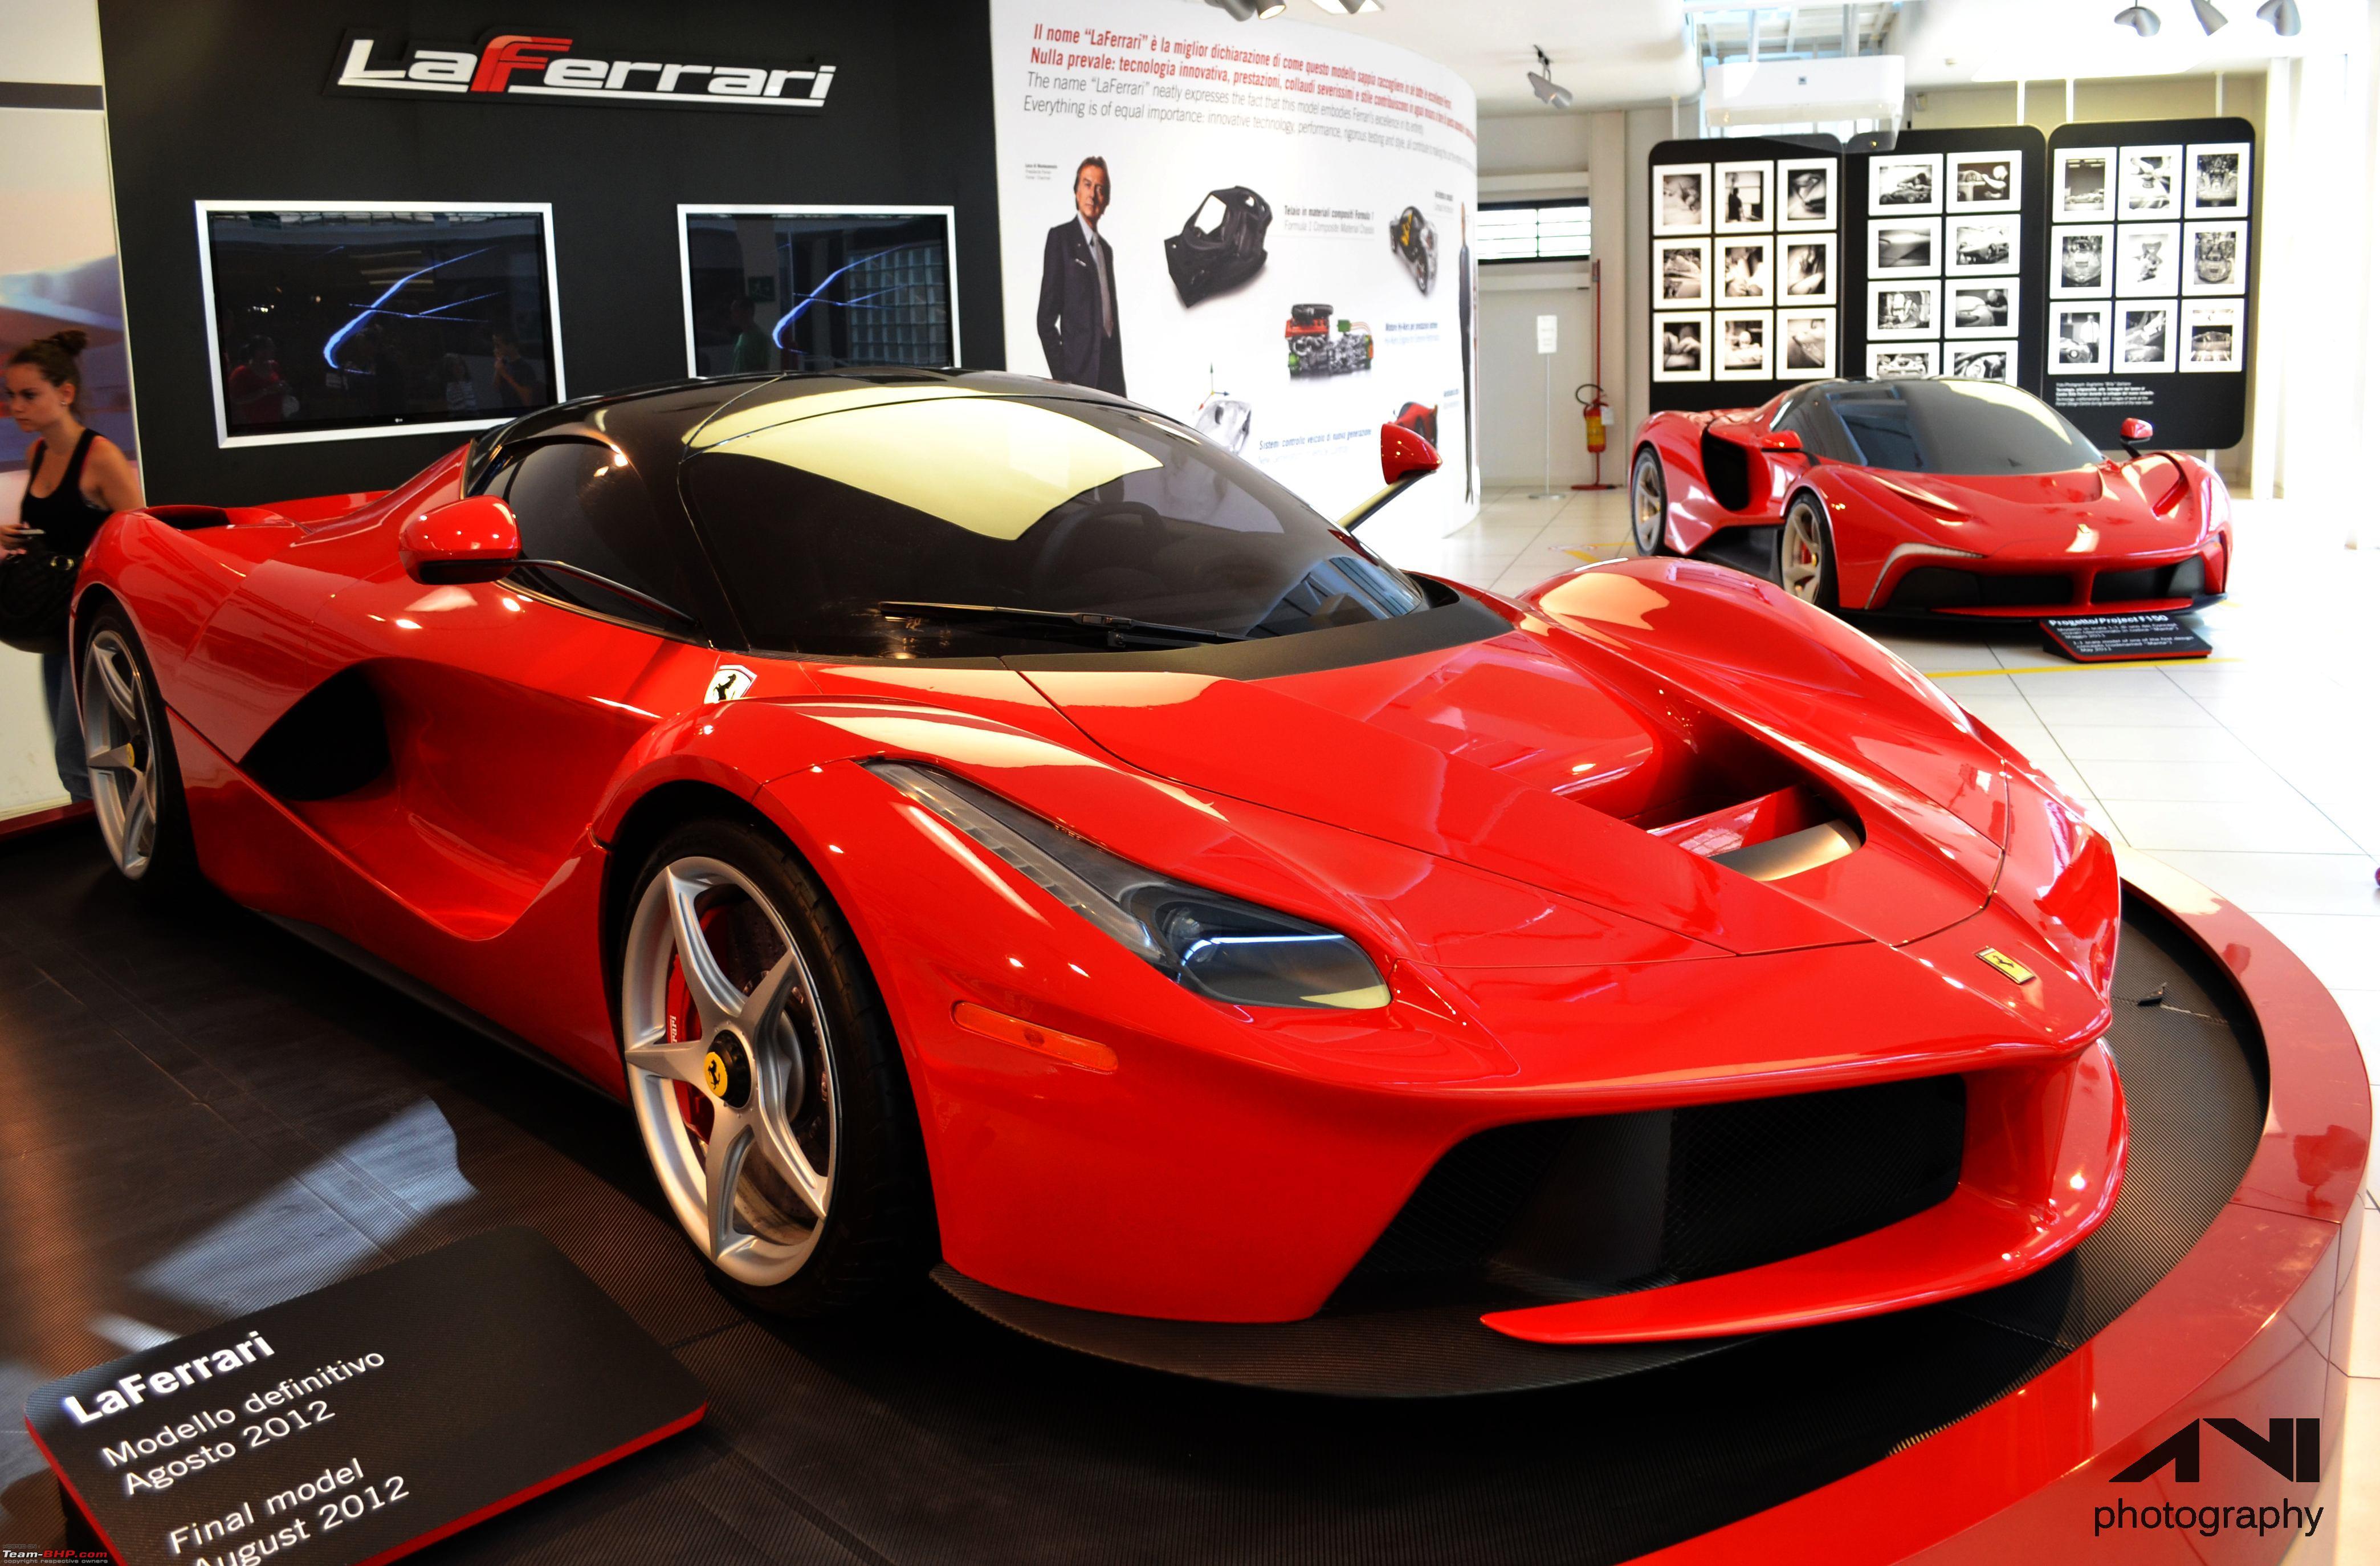 Ferrari F150 Laferrari The Enzo Successor Page 8 Team Bhp